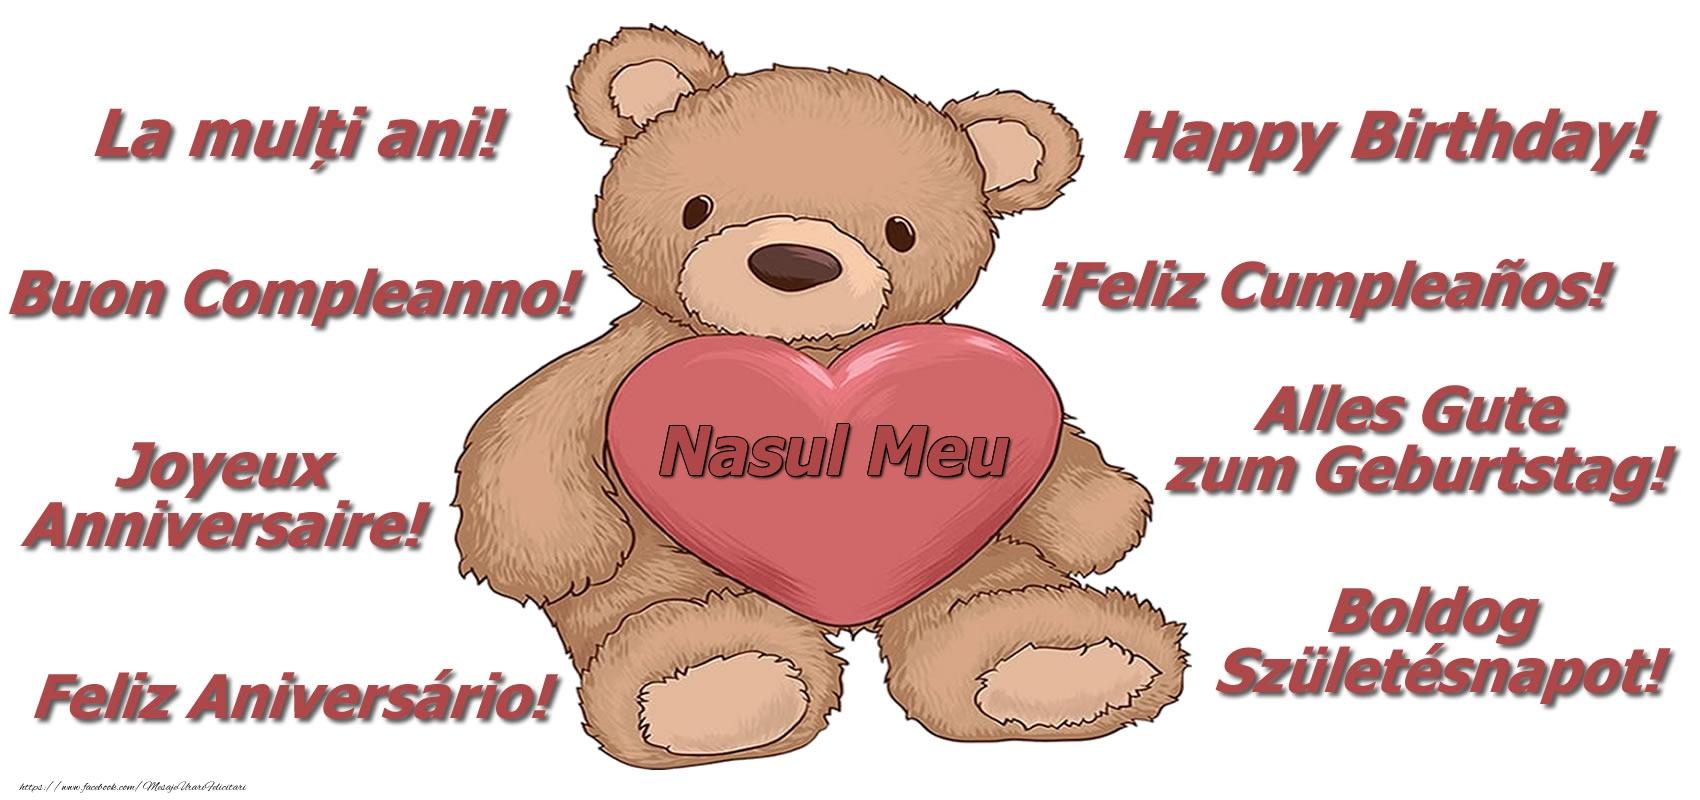 Felicitari frumoase de zi de nastere pentru Nas | La multi ani nasul meu! - Ursulet